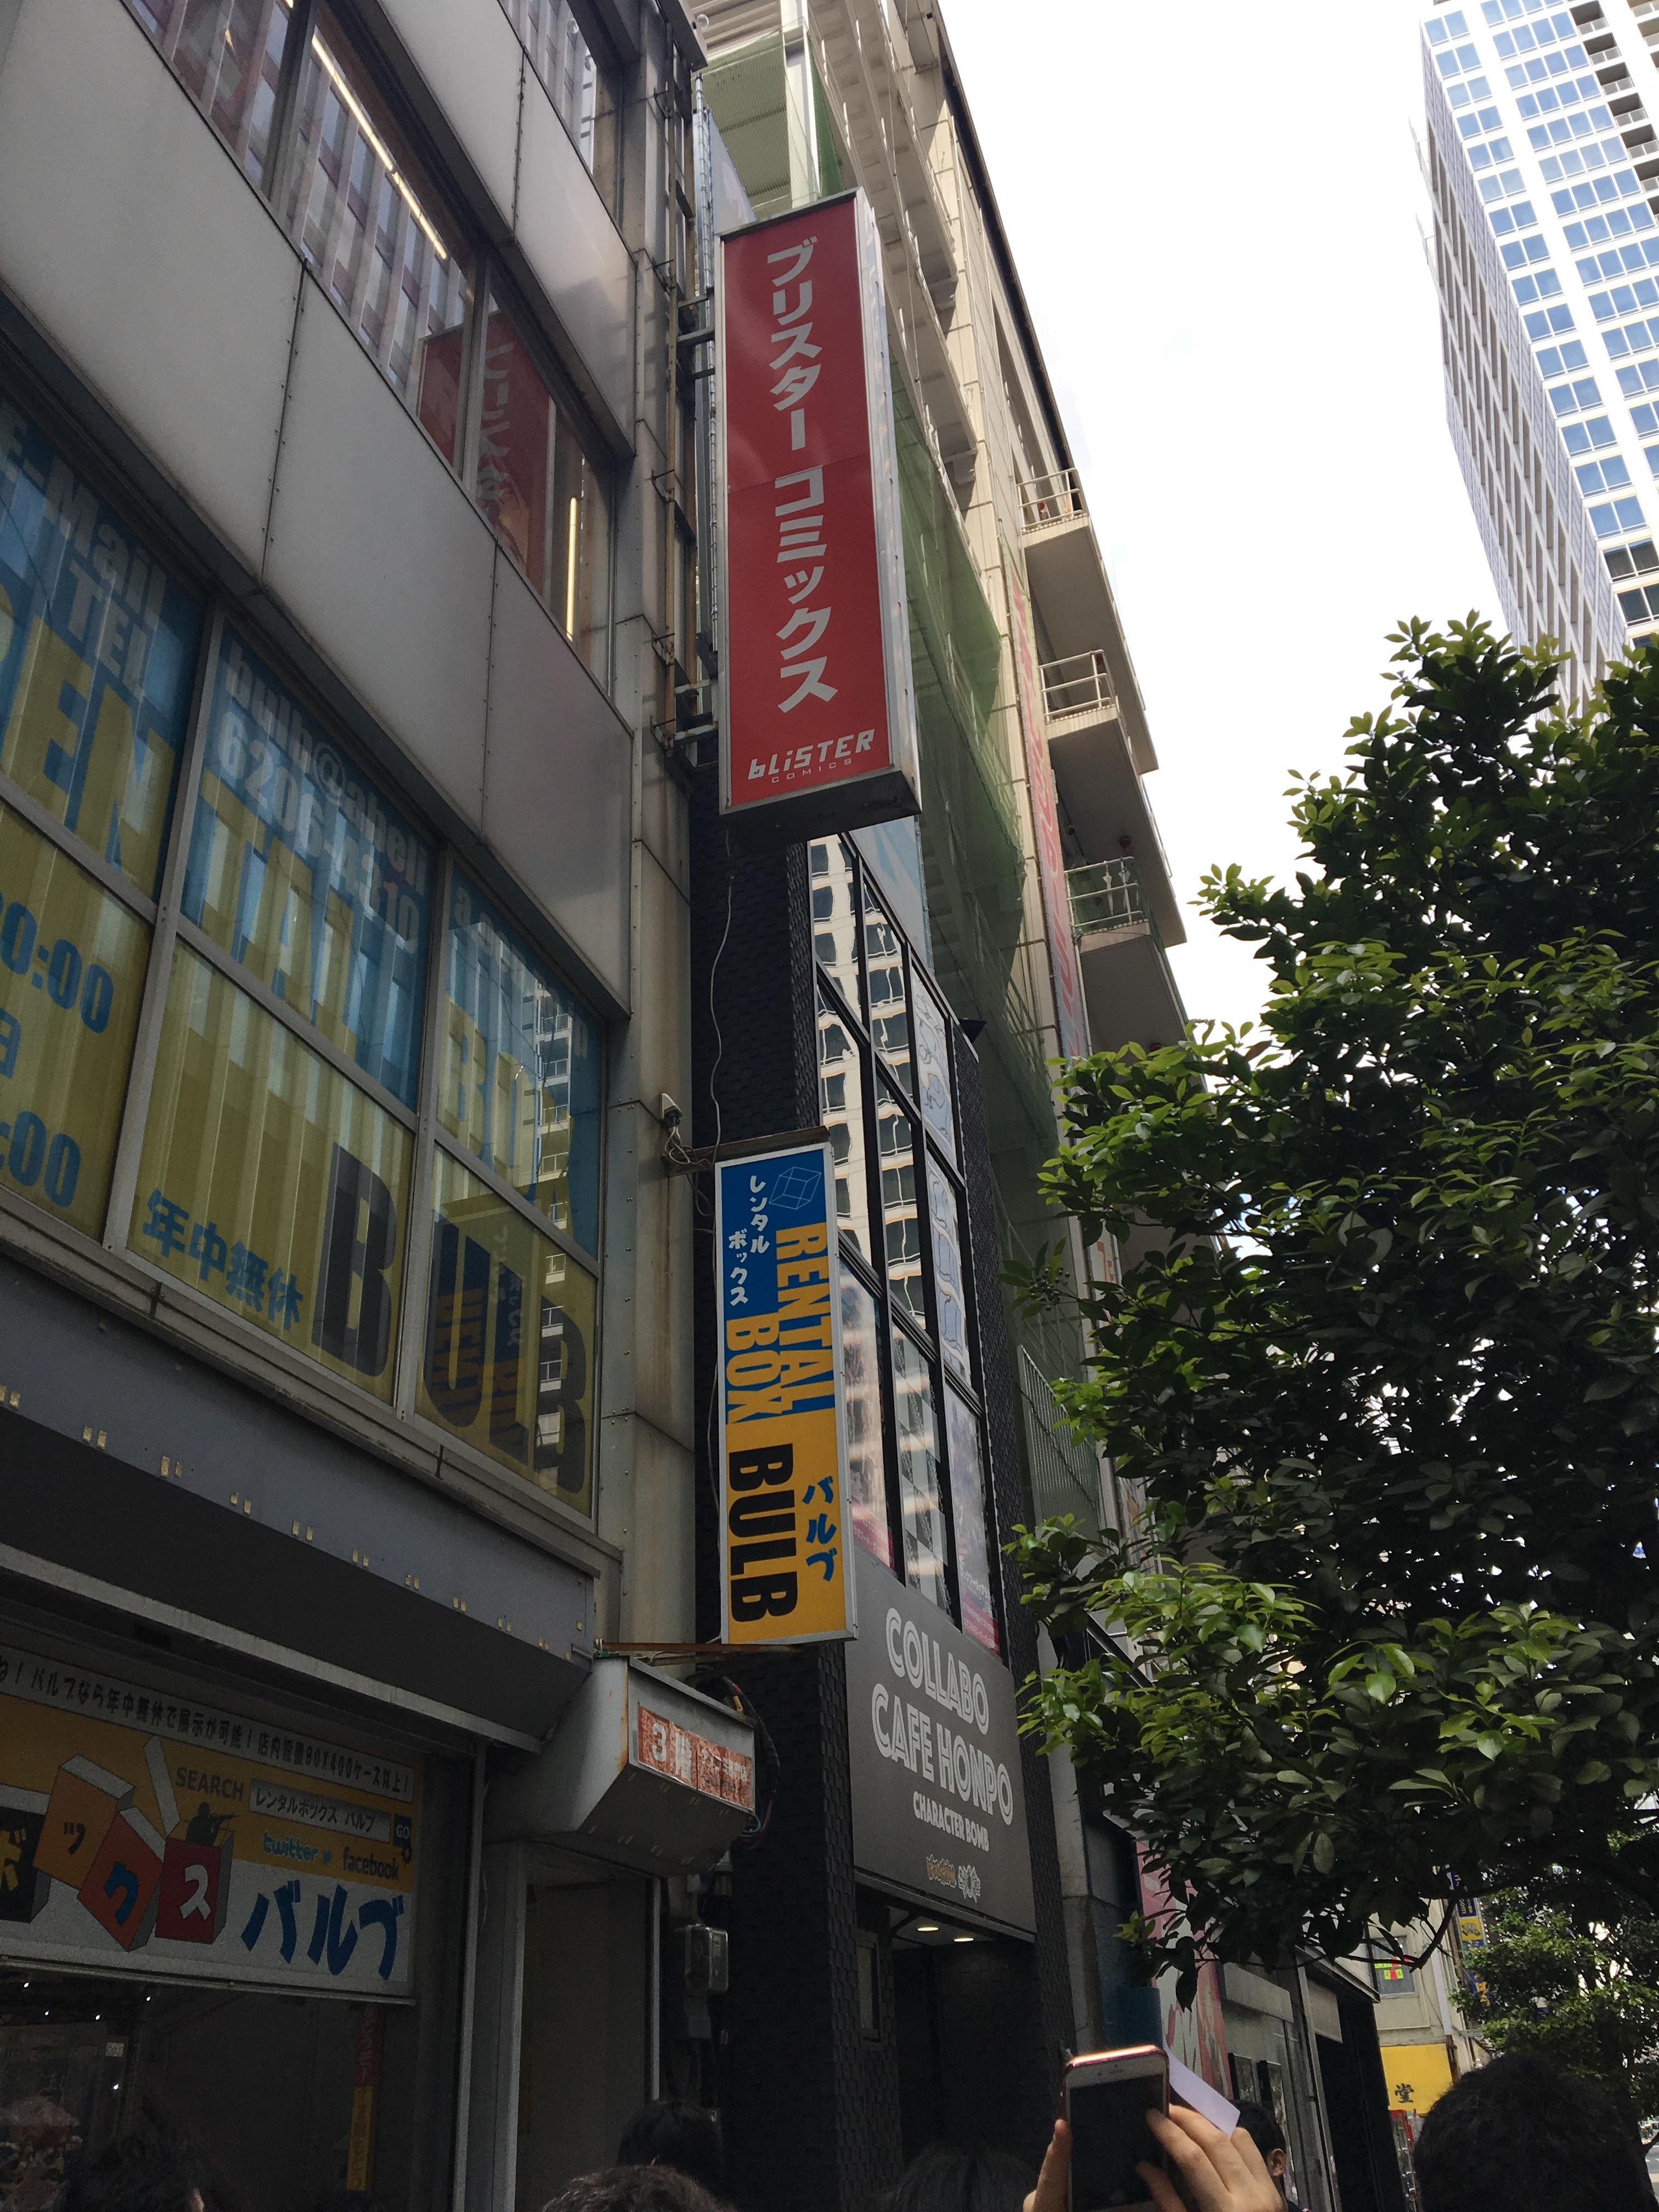 f:id:kimuchijiaozi:20170507170153j:image